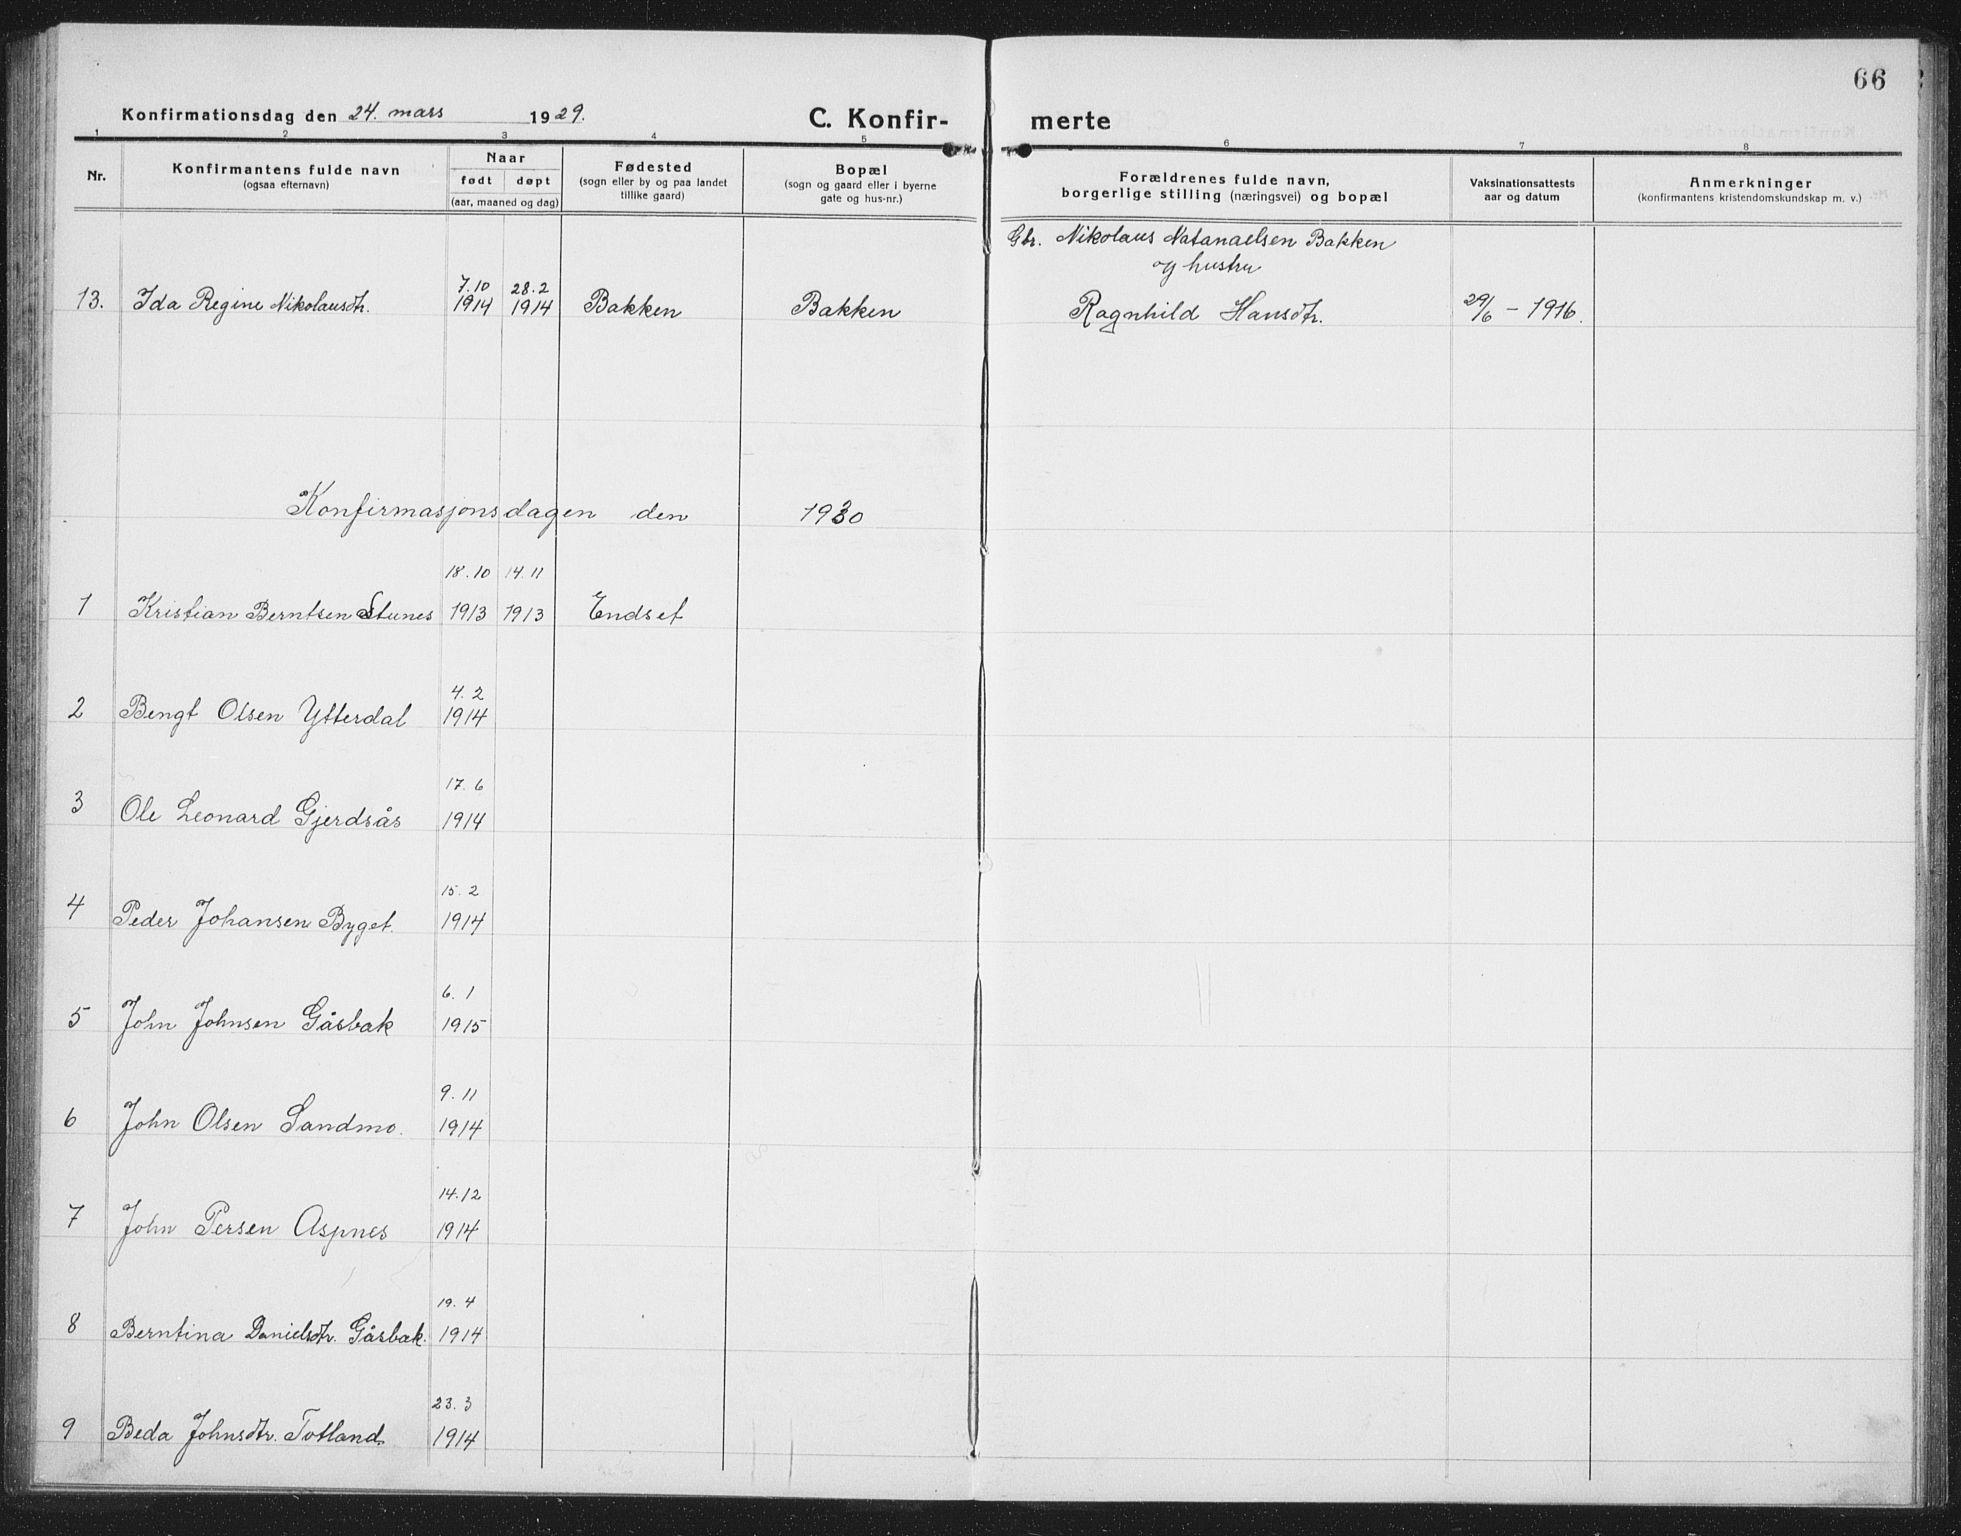 SAT, Ministerialprotokoller, klokkerbøker og fødselsregistre - Nord-Trøndelag, 757/L0507: Klokkerbok nr. 757C02, 1923-1939, s. 66